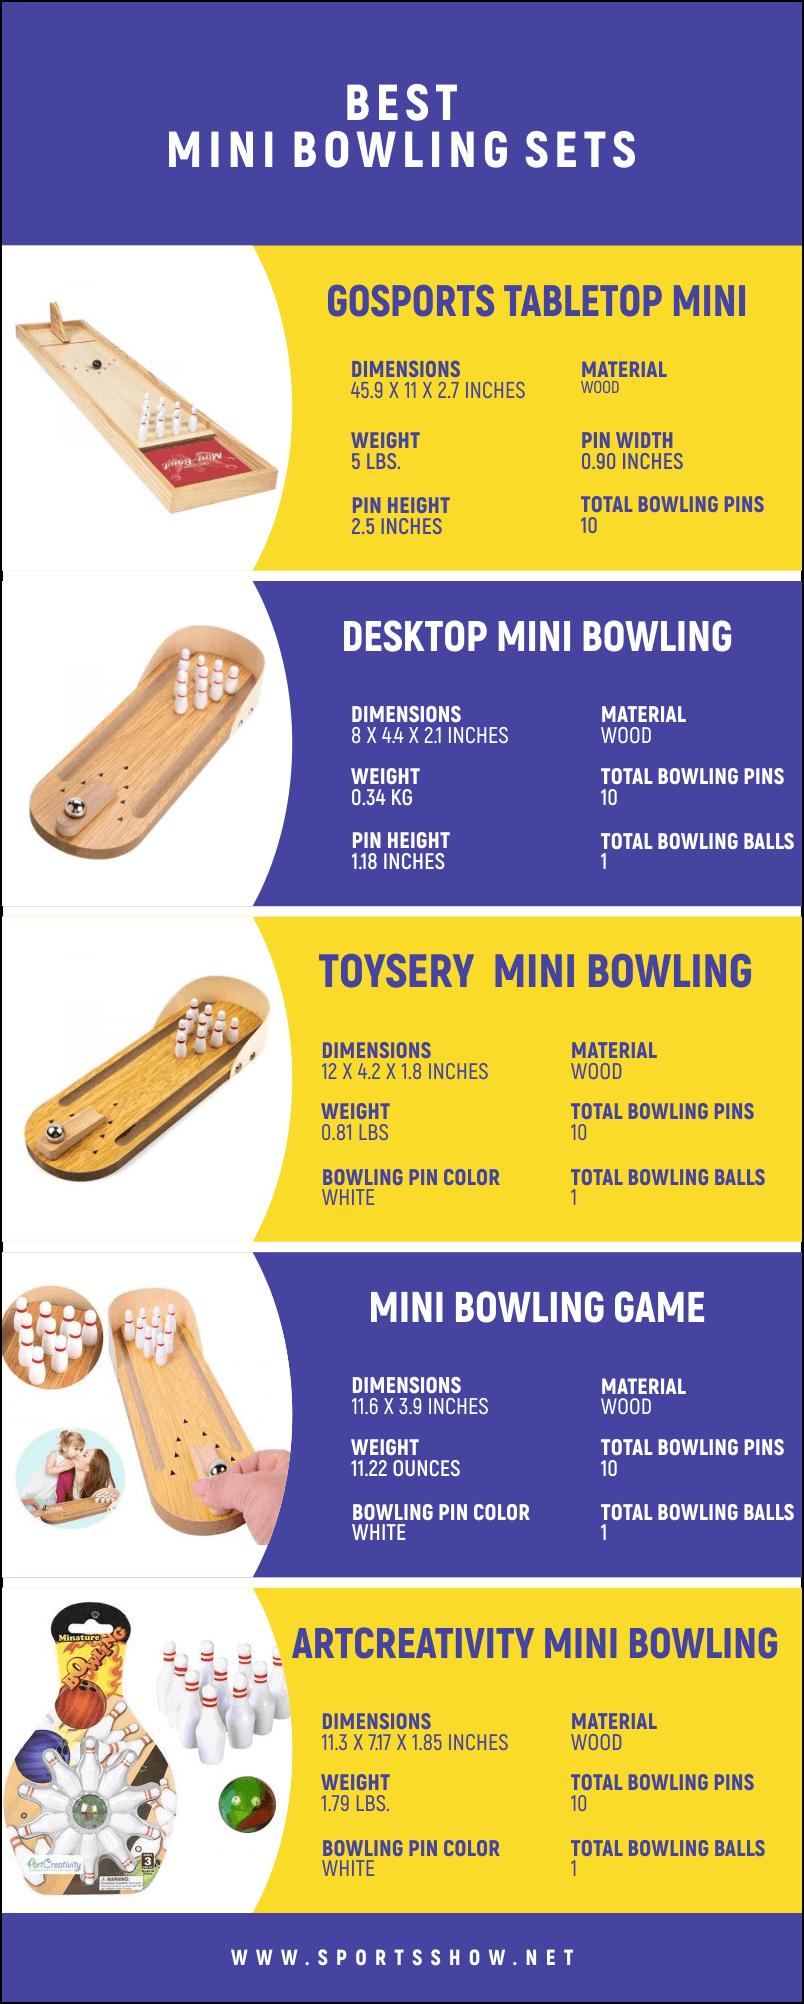 Best Mini Bowling Sets